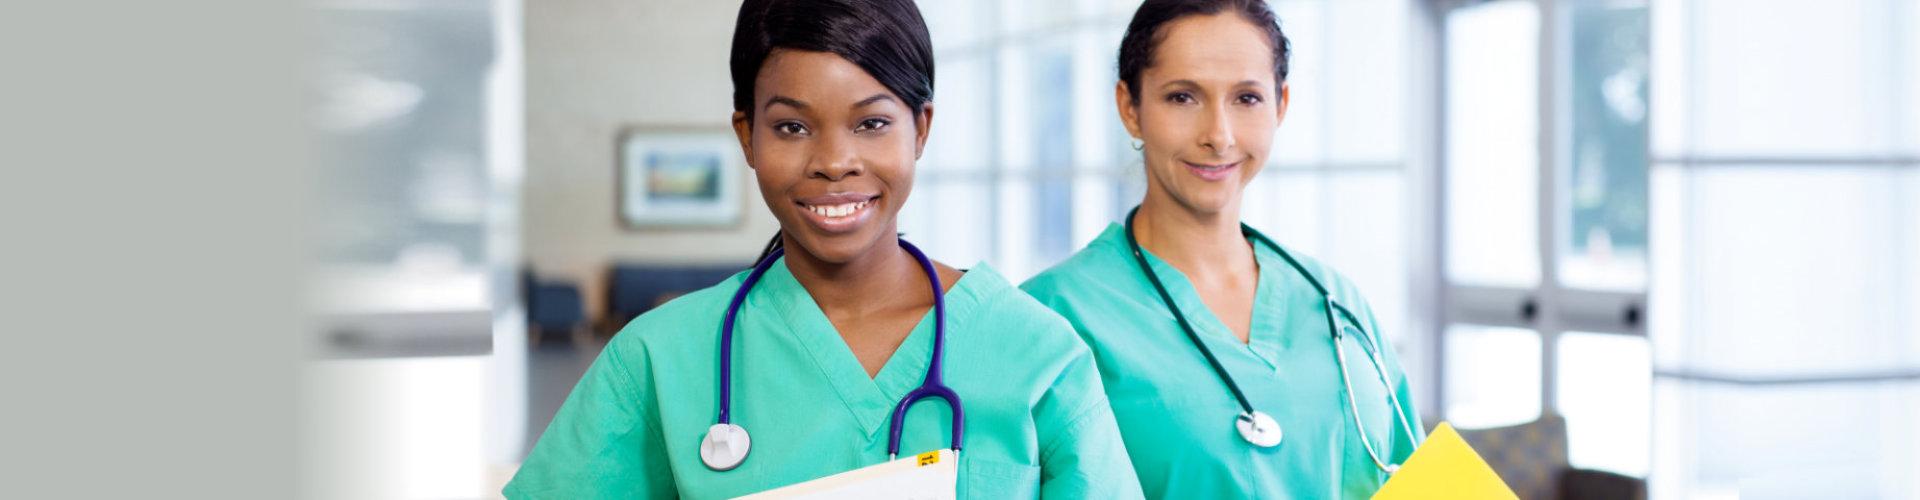 female nurses wearing stethoscopes smiling